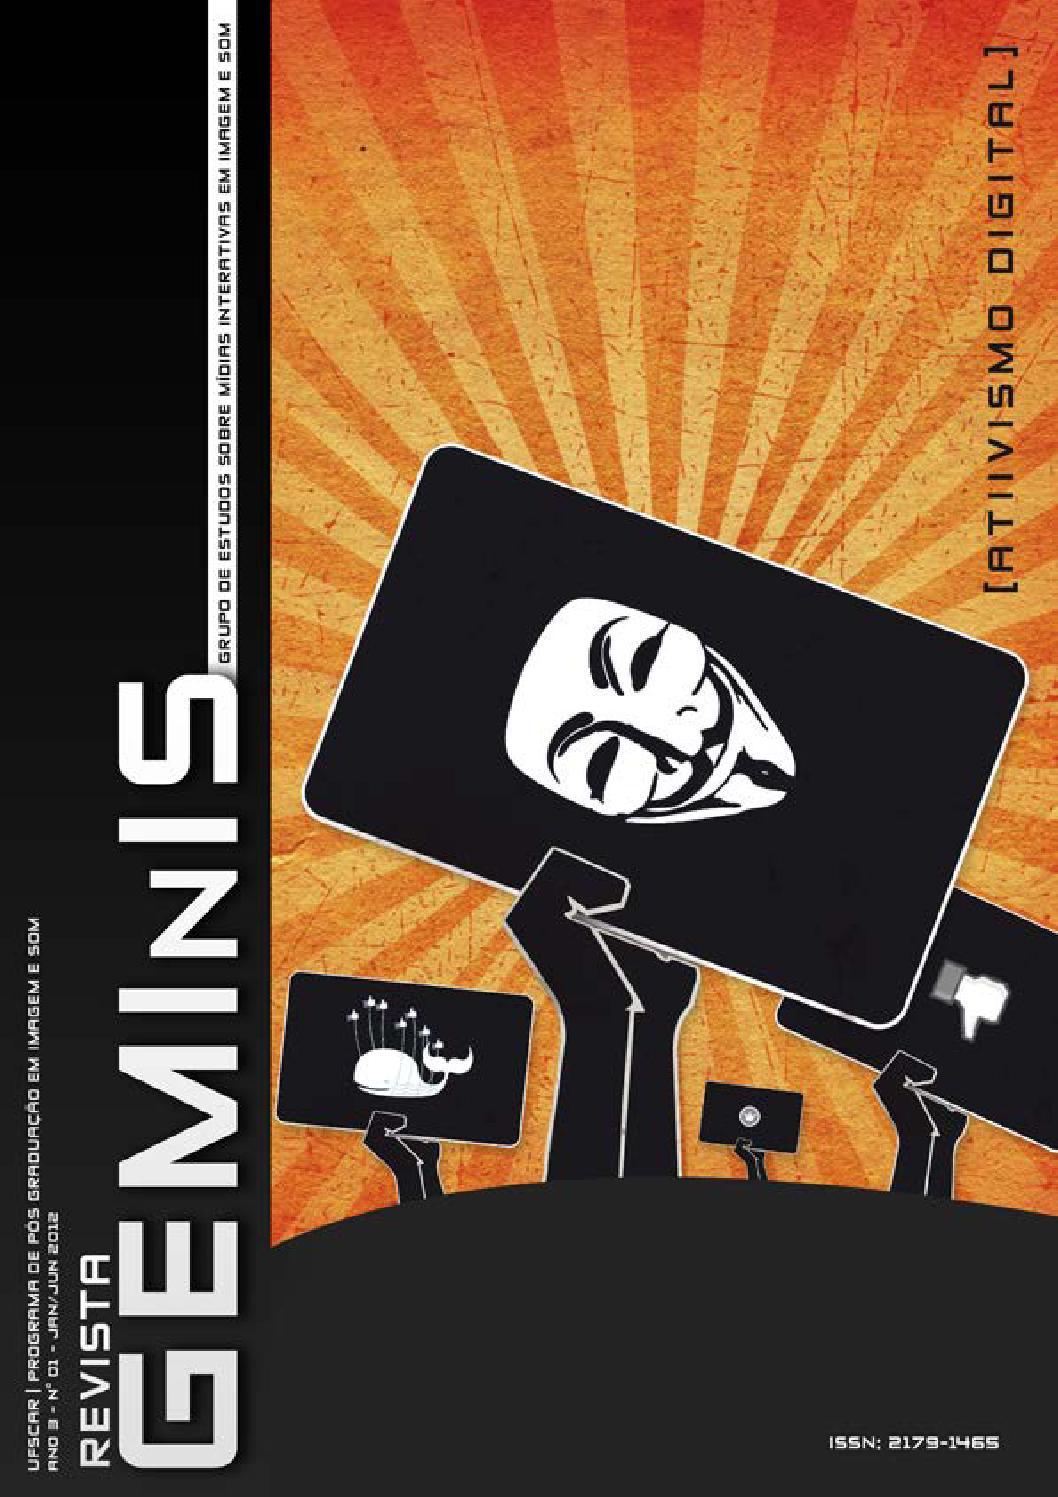 197ab747d3 Revista GEMInIS